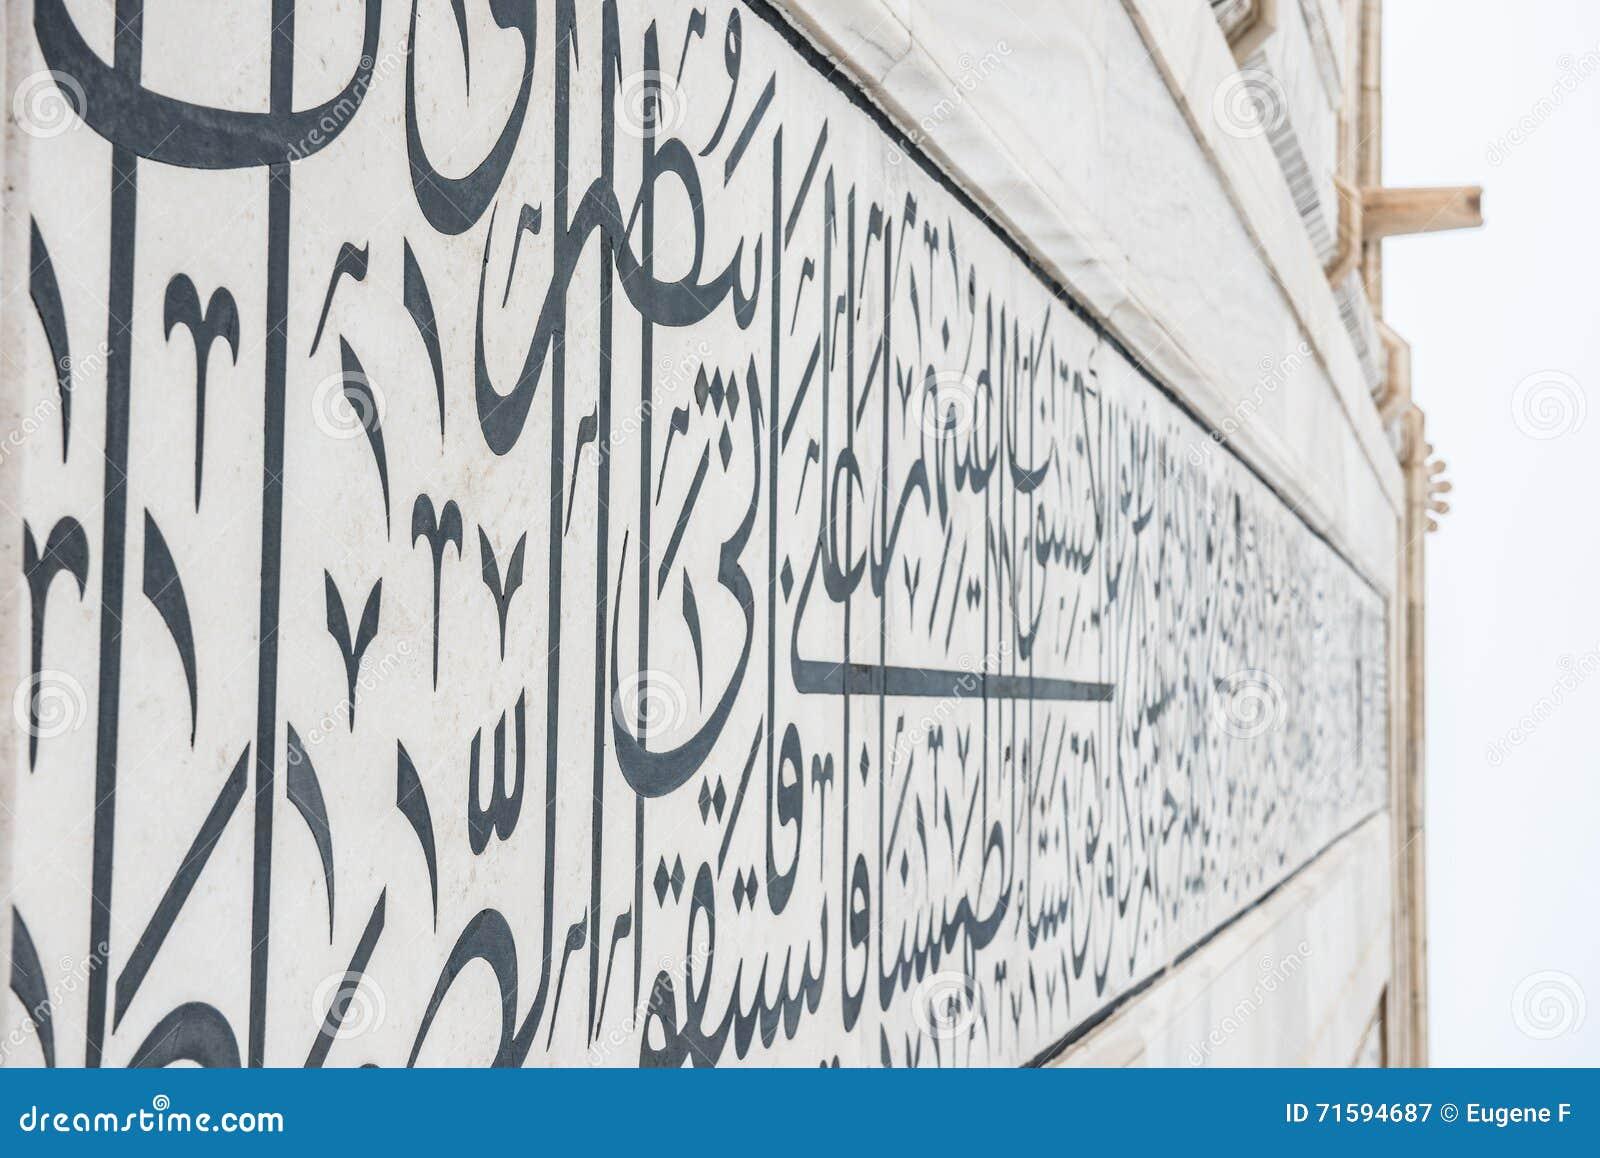 Persische Gedichte In Taj Mahal Stockbild Bild Von Denkmal